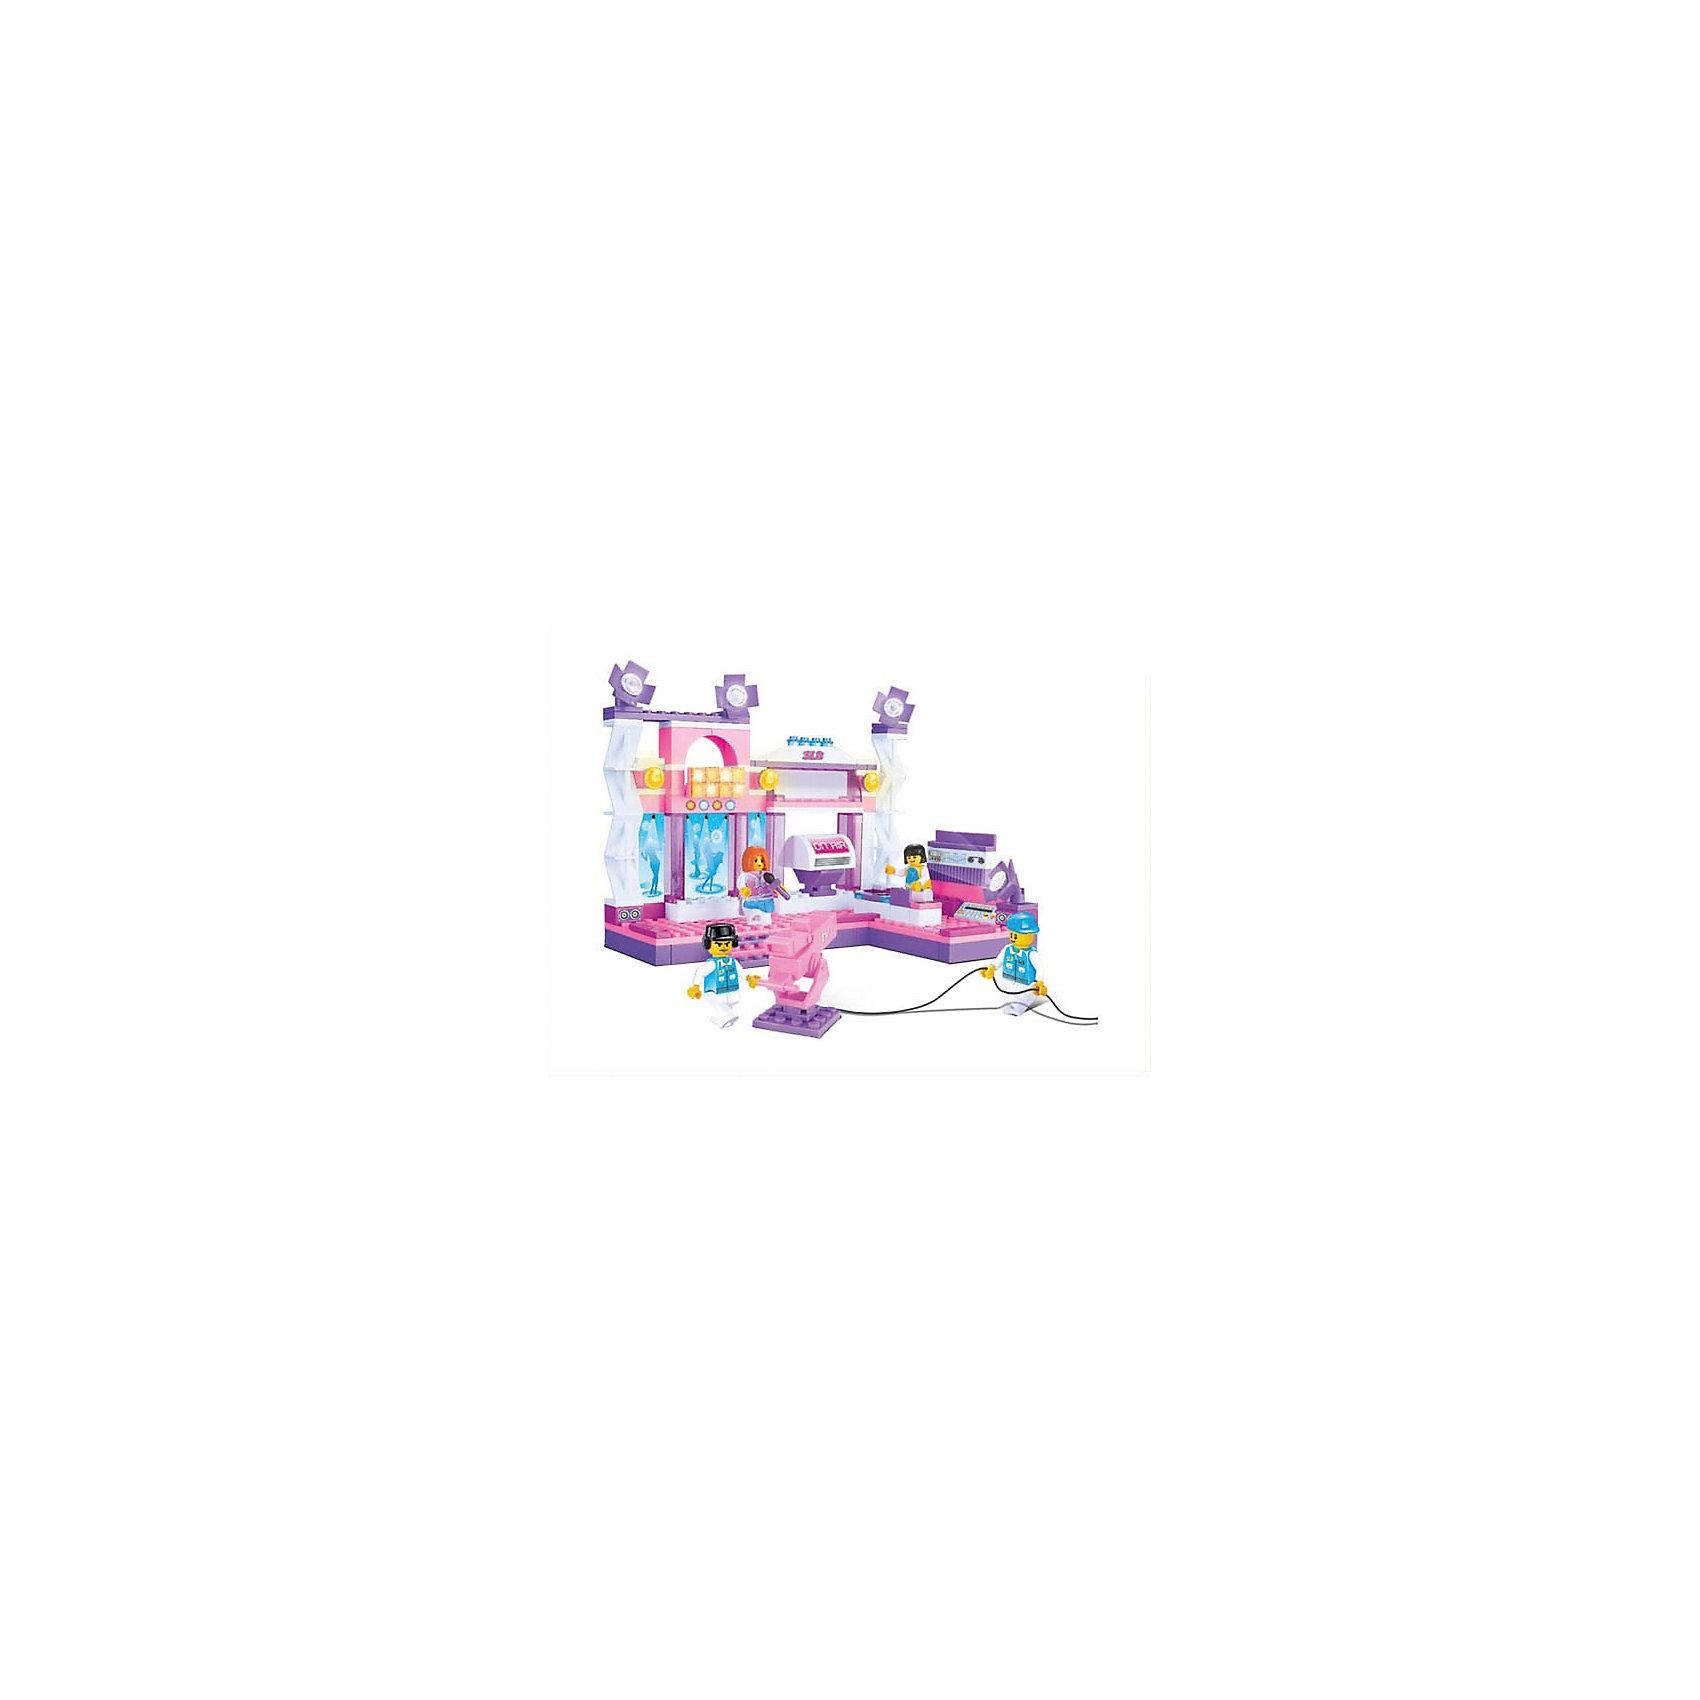 Конструктор Розовая мечта: Съемка клипа, 176 деталей, SlubanКонструктор Розовая мечта: Съемка клипа, 176 деталей, Sluban (Слубан)<br><br>Характеристики:<br><br>• возраст: от 6 лет<br>• съемочная площадка из конструктора<br>• количество деталей: 176<br>• количество фигурок: 4<br>• материал: пластик<br>• размер упаковки: 5,5х22,5х31 см<br>• вес: 530 грамм<br><br>Конструктор Розовая мечта: Съемка клипа создан специально для маленьких звездочек! Девочка сможет построить сцену и съемную площадку, а потом разыграть интересные сценки из клипа с фигурками. Игра способствует развитию воображения и мелкой моторики.<br><br>Конструктор Розовая мечта: Съемка клипа, 176 деталей, Sluban (Слубан) вы можете купить в нашем интернет-магазине.<br><br>Ширина мм: 310<br>Глубина мм: 225<br>Высота мм: 55<br>Вес г: 530<br>Возраст от месяцев: 72<br>Возраст до месяцев: 2147483647<br>Пол: Женский<br>Возраст: Детский<br>SKU: 5453790